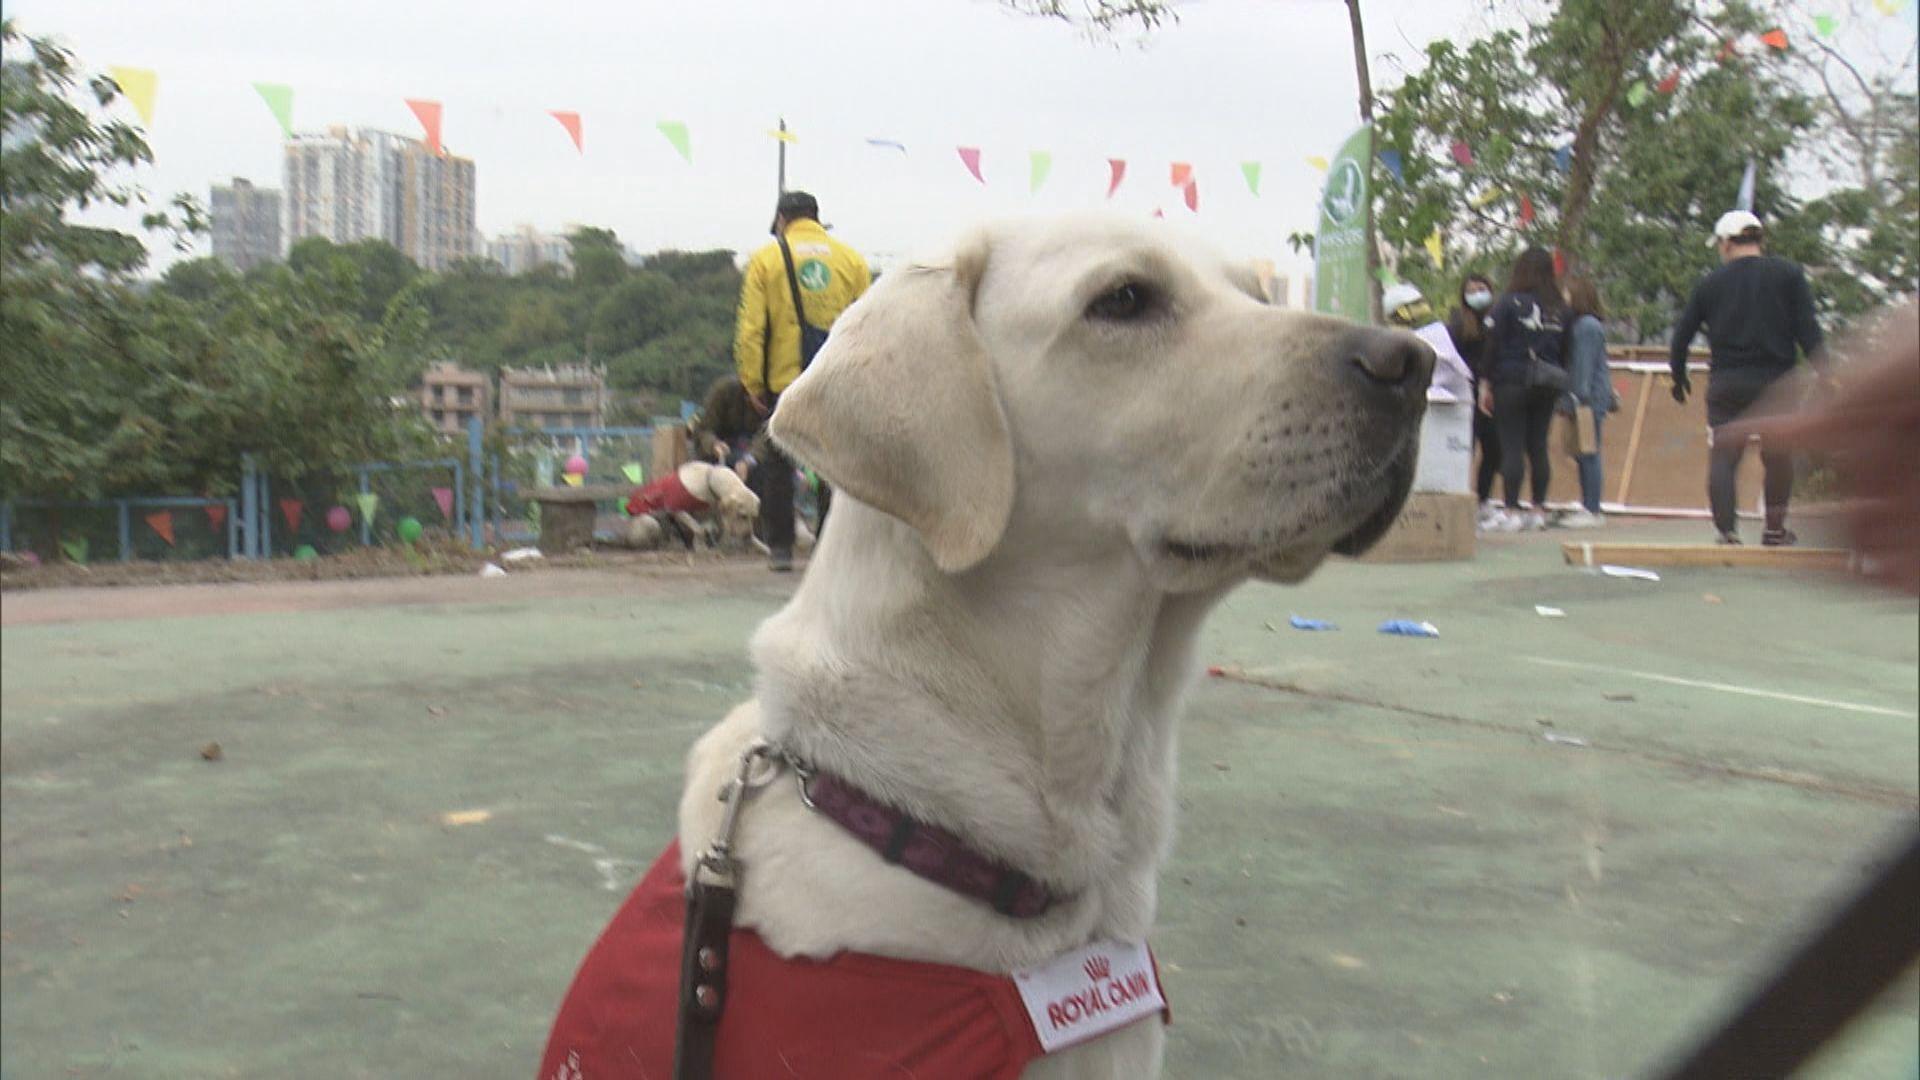 【即日焦點】12港人案十人正式被控偷渡或組織偷渡 未成年兩人擇日舉行不公開聽證;香港首間導盲犬訓練學校料明年11月落成